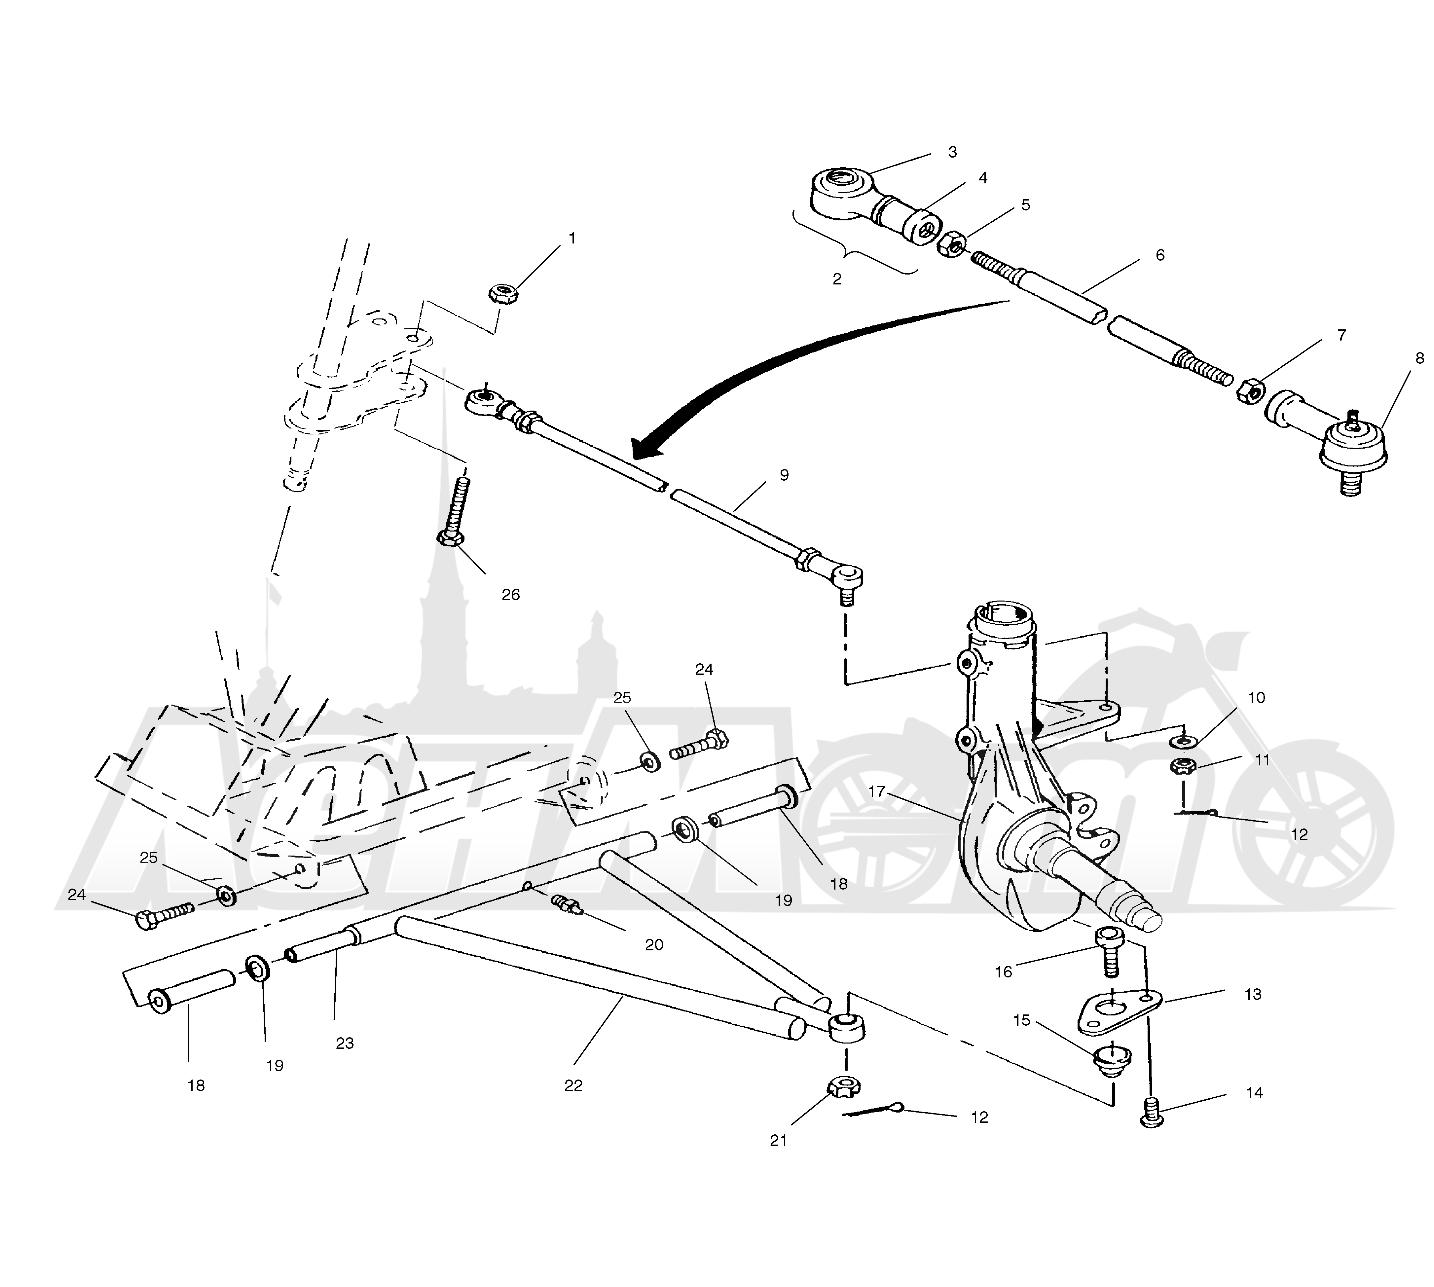 Запчасти для Квадроцикла Polaris 1996 TRAIL BLAZER ES - W967827 Раздел: A - ARM/STRUT MOUNTING - W968540   A рычаг/стойка крепления W968540